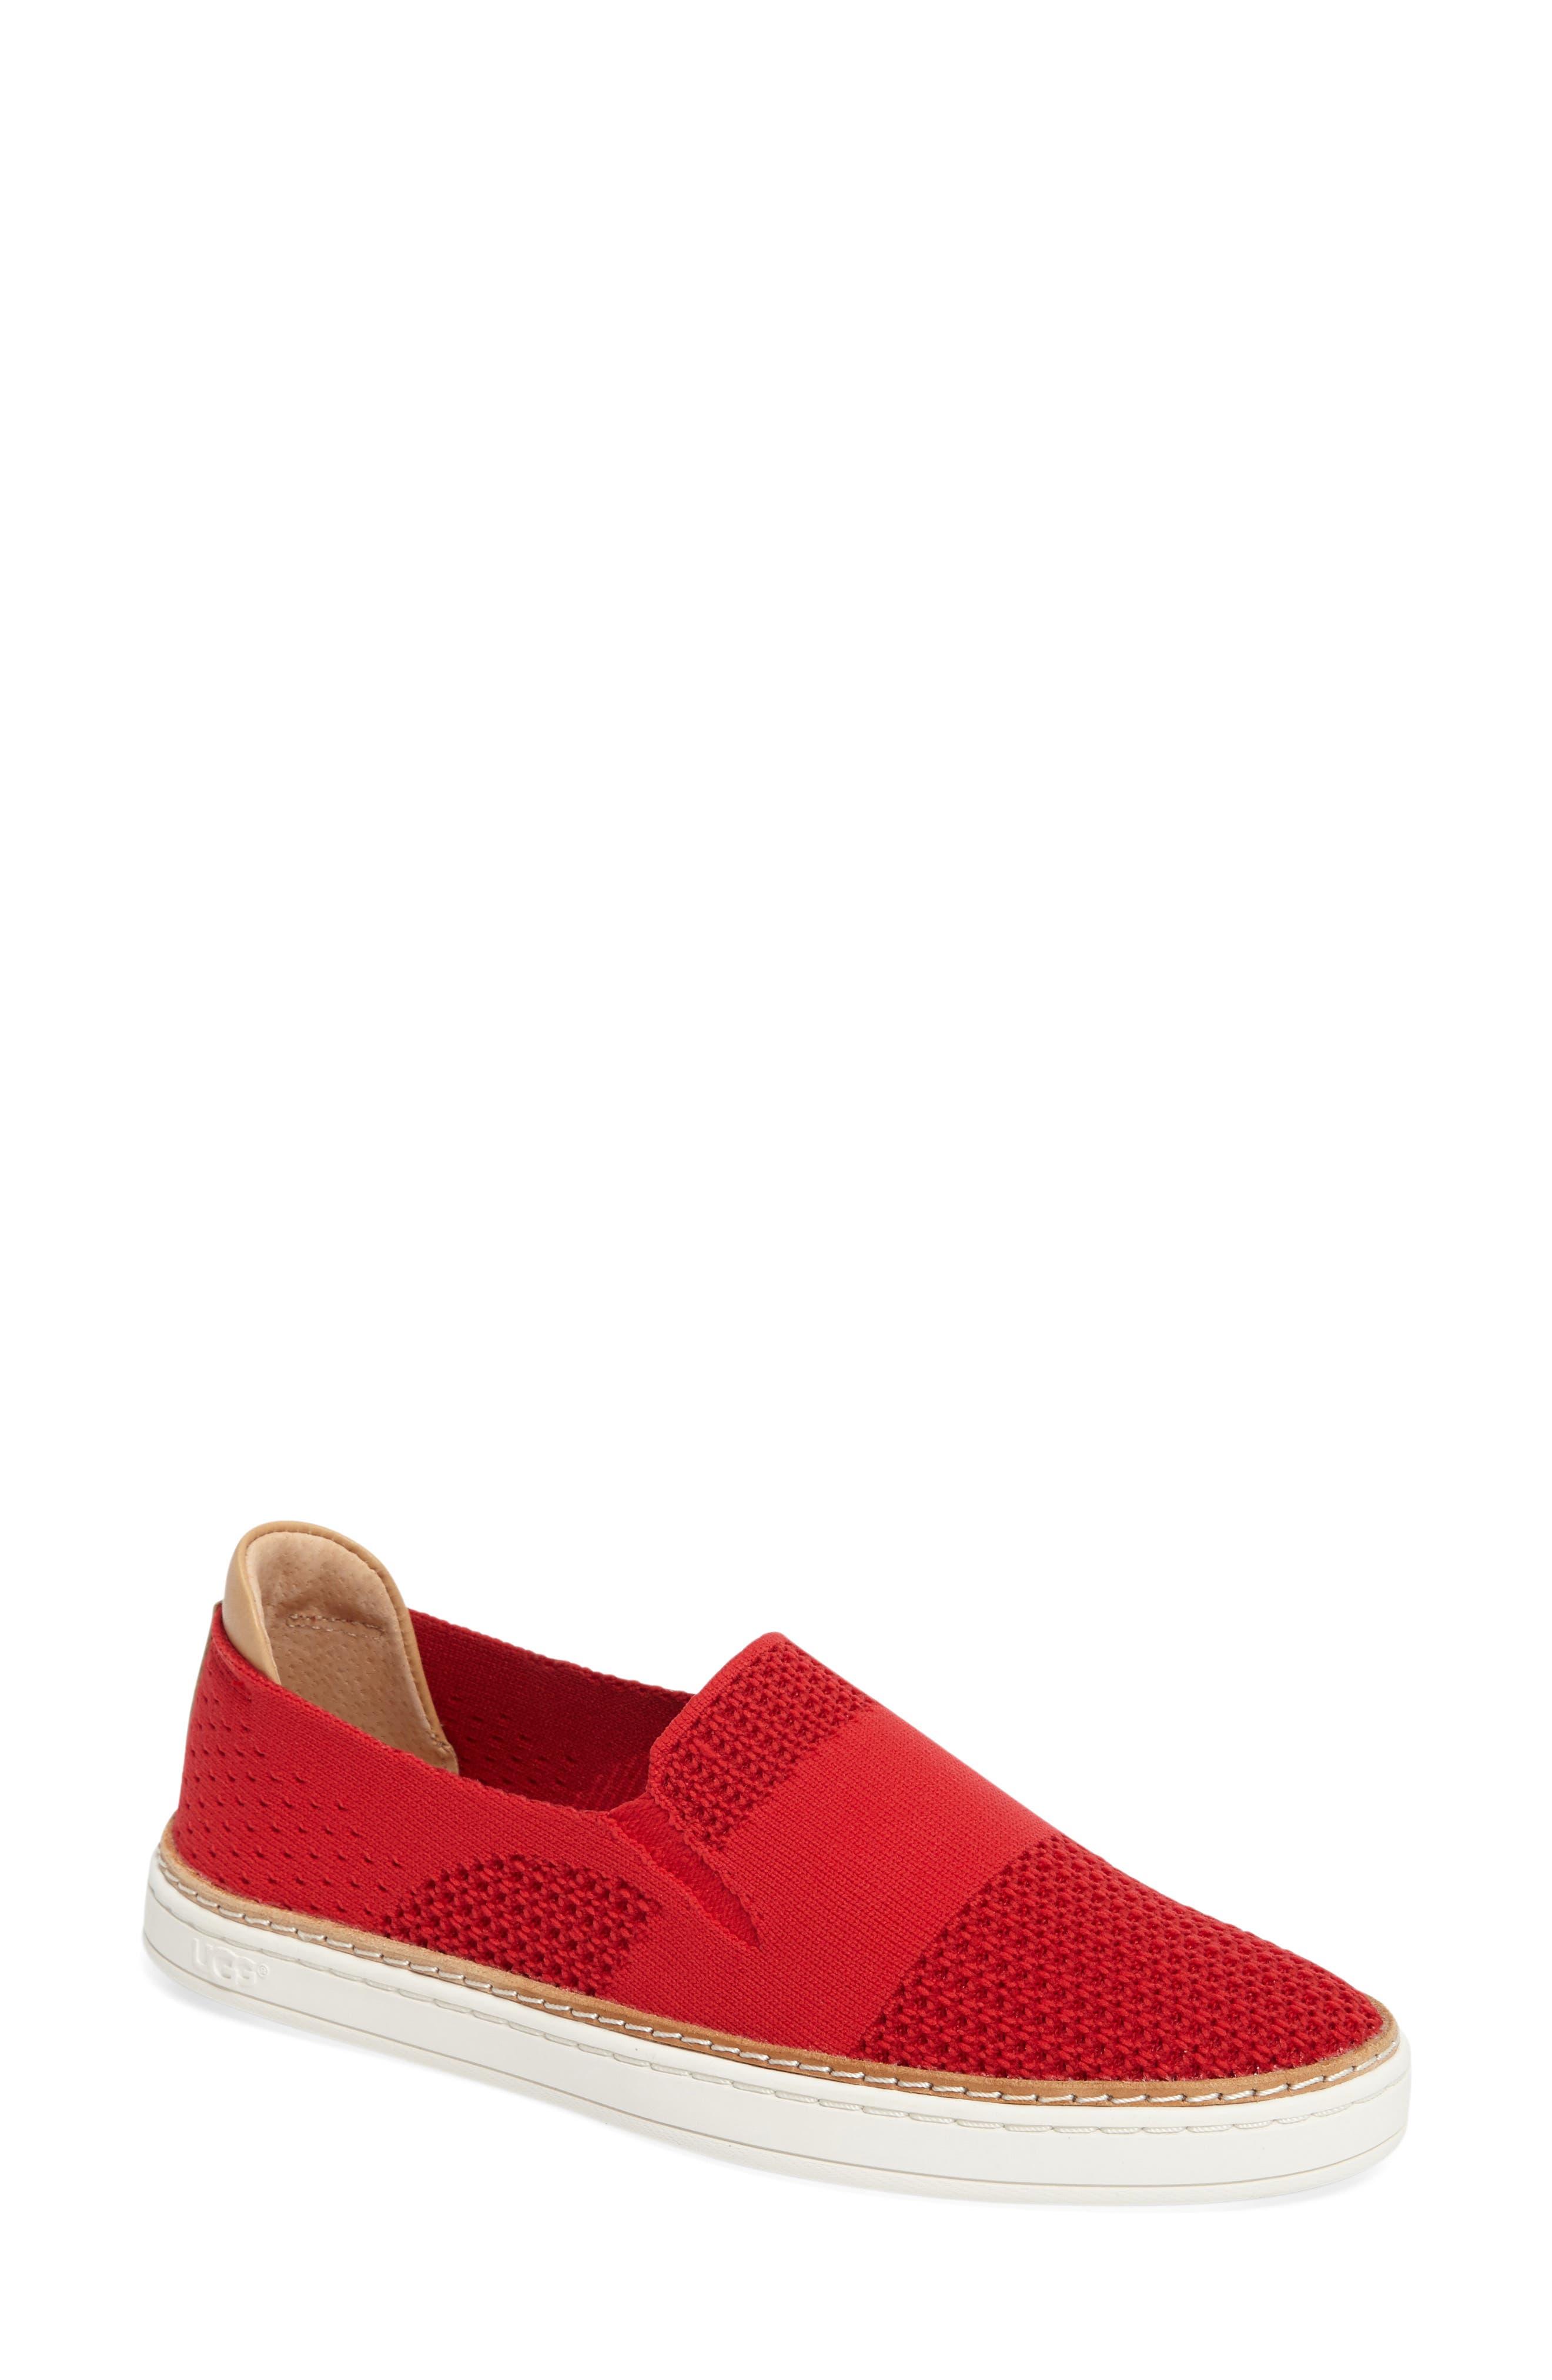 Alternate Image 1 Selected - UGG® Sammy Sneaker (Women)